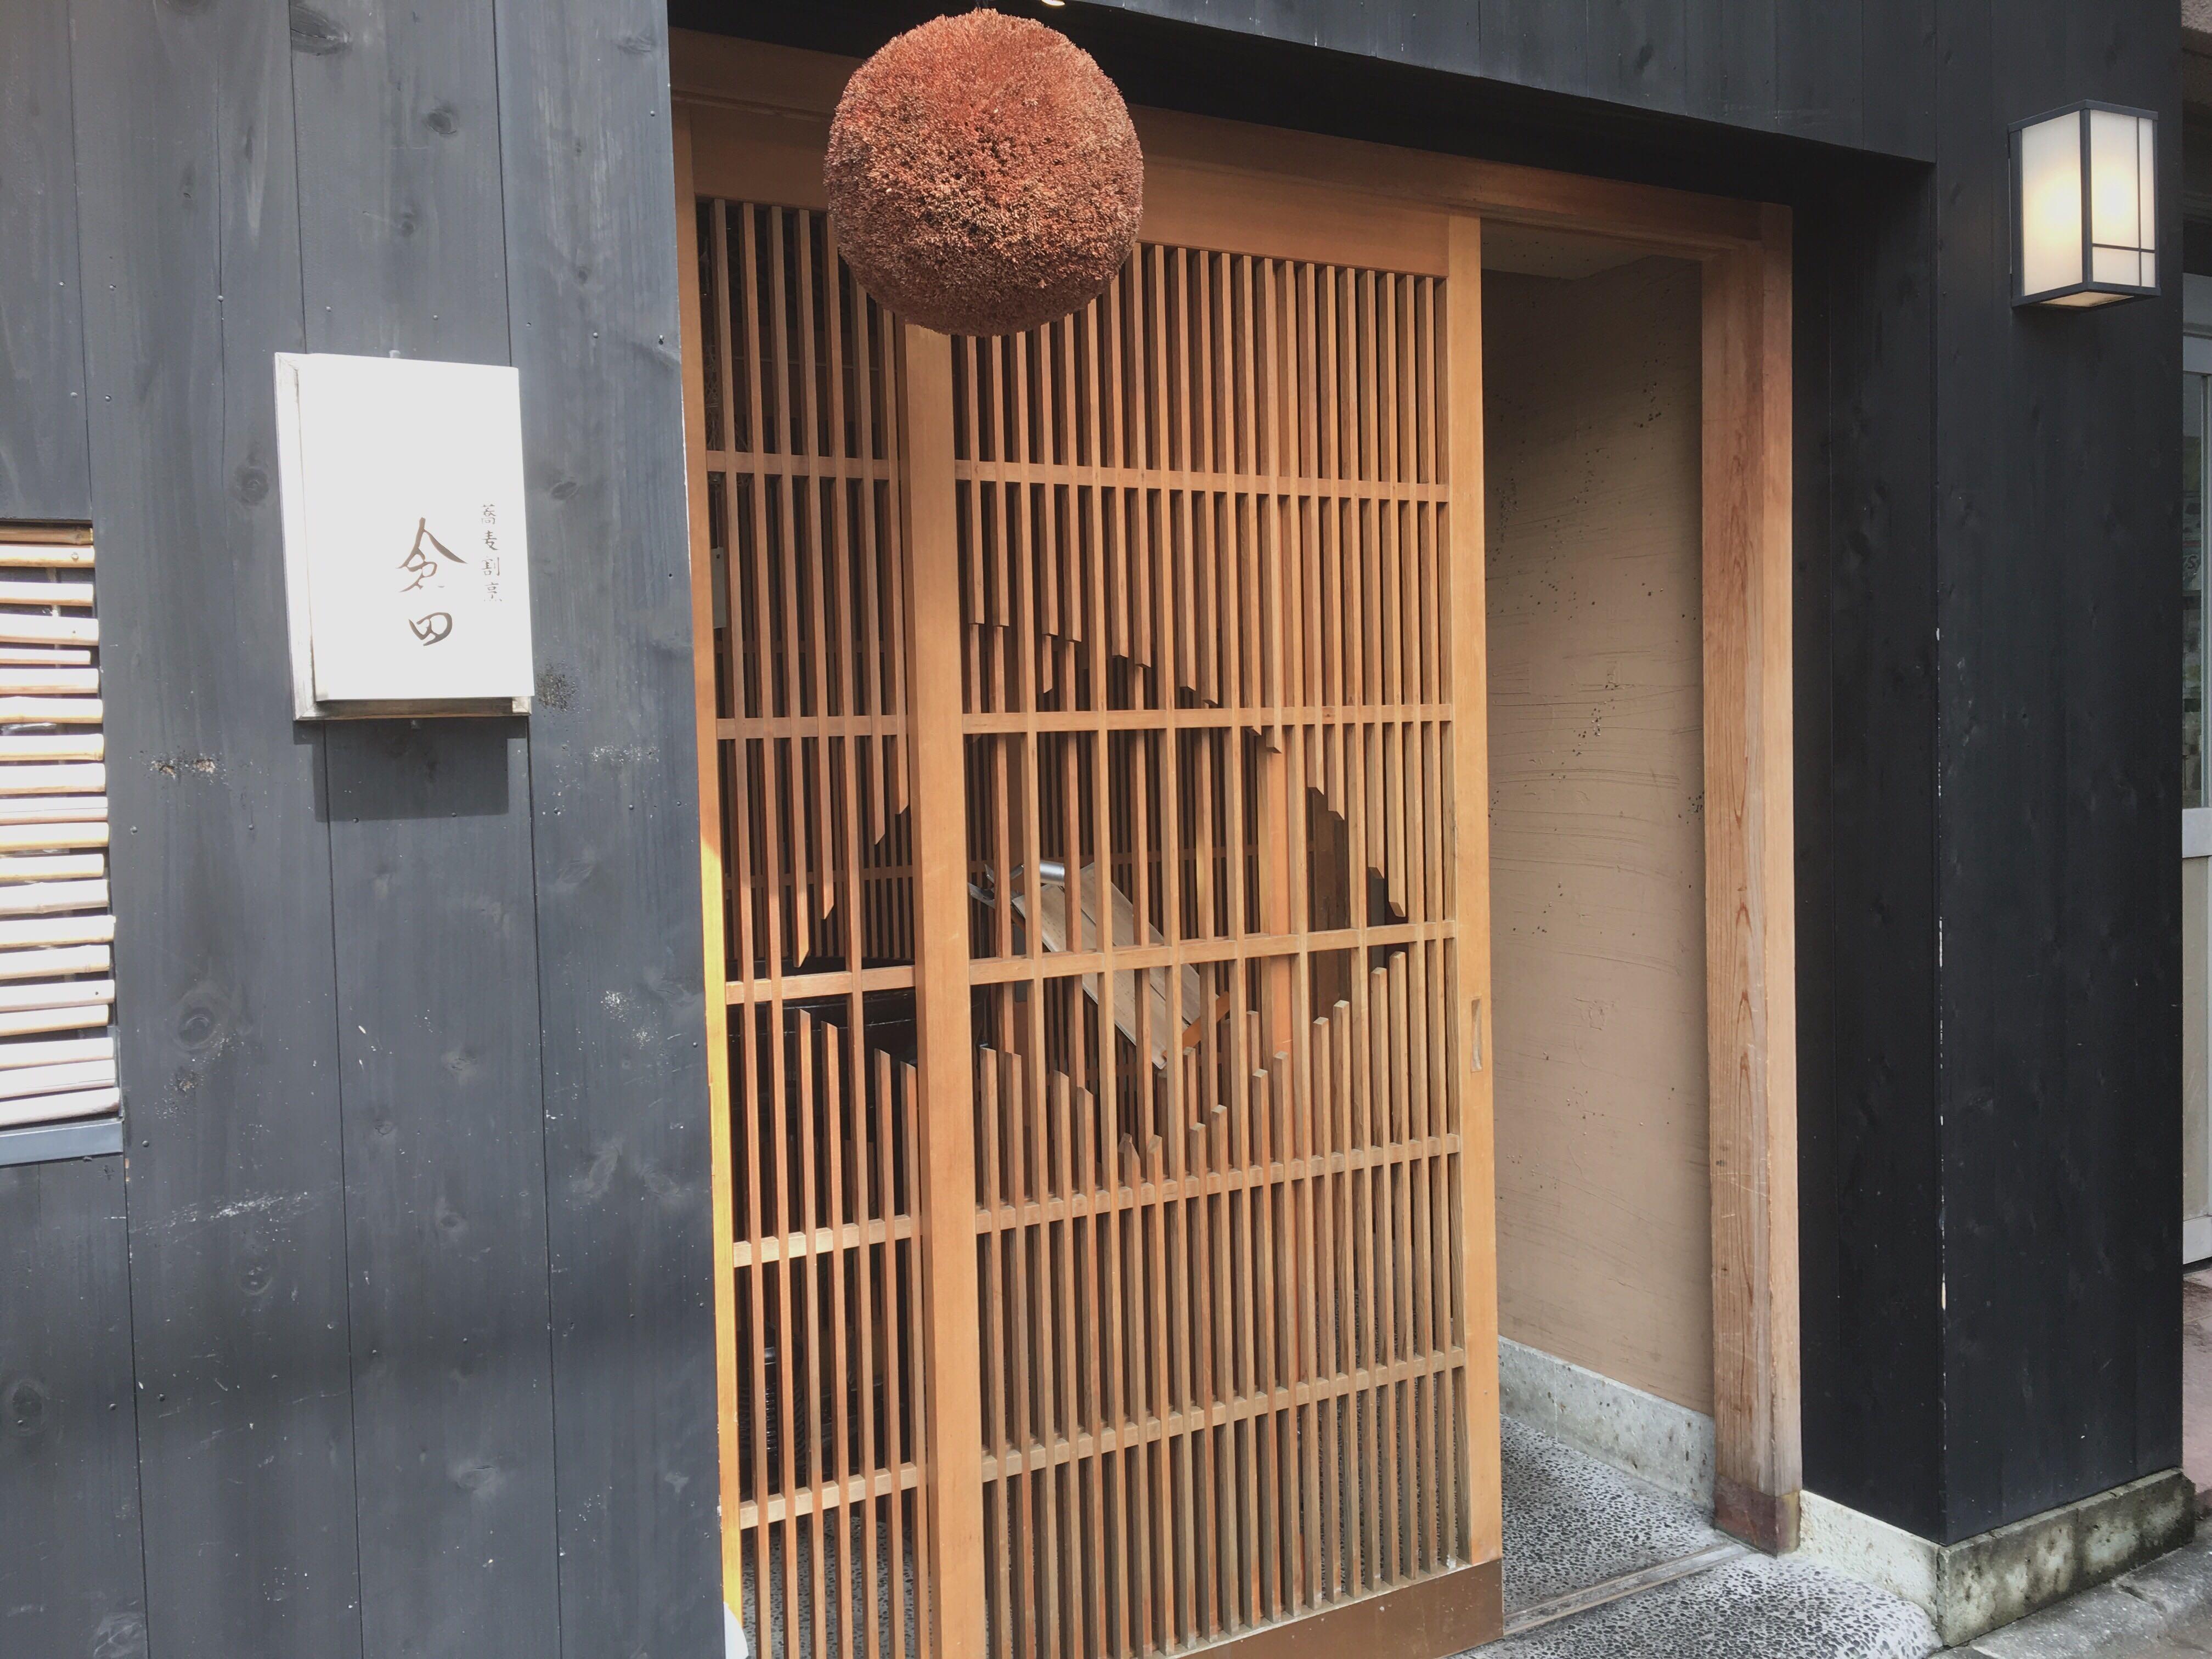 【武蔵小山グルメ探訪】蕎麦割烹  くらた & 日本蕎麦番外編  溝の口  初代